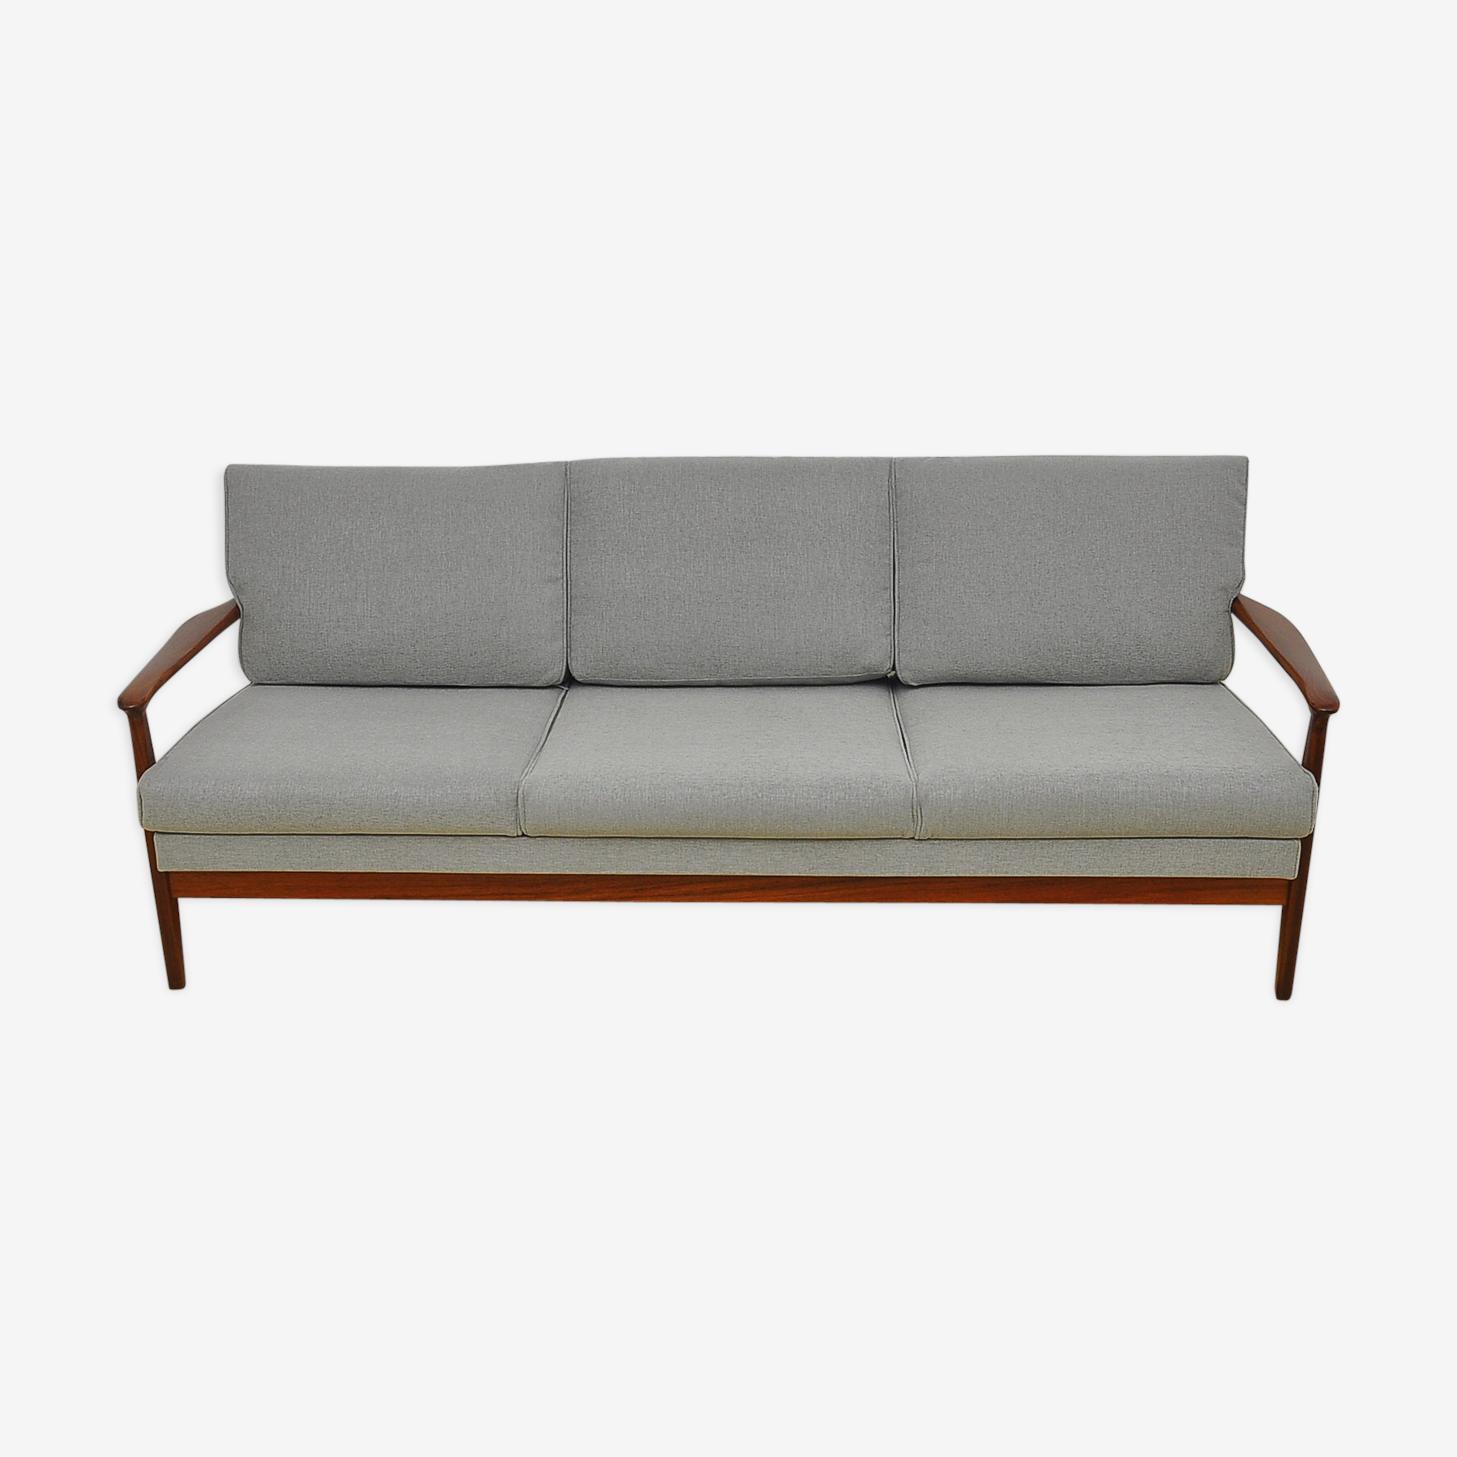 Sofa danois avec assise extensible années 1960